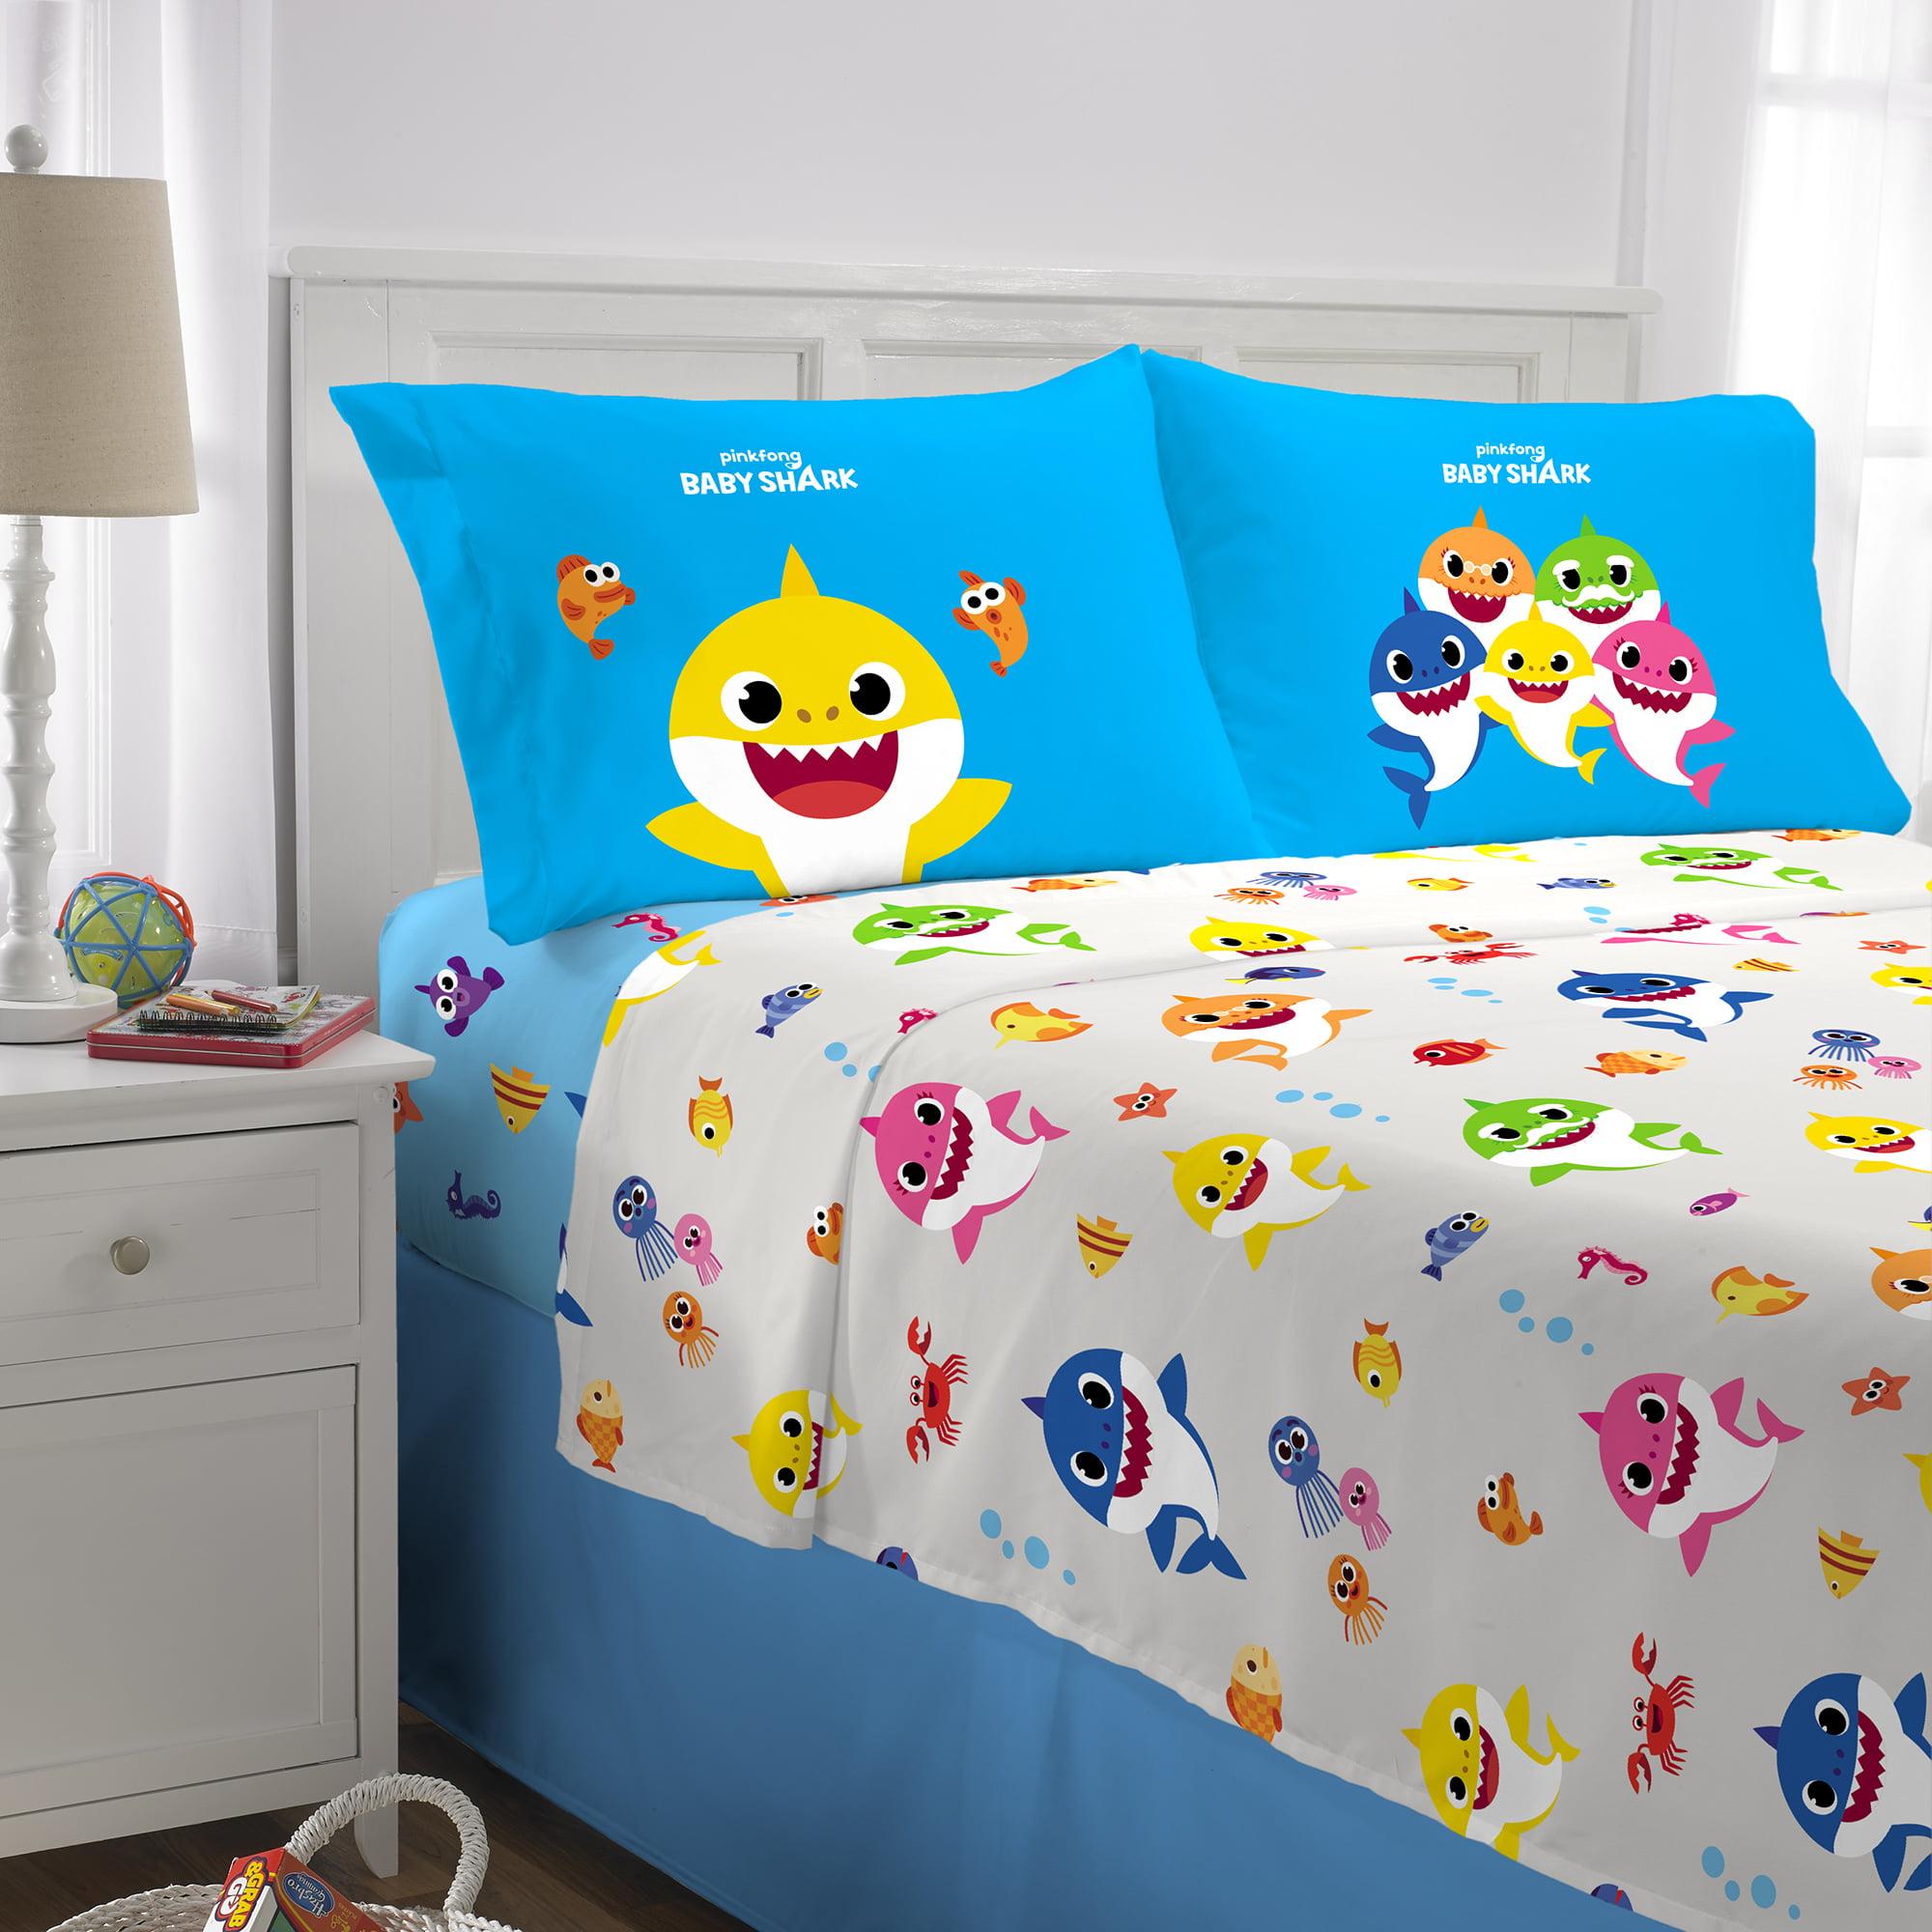 Baby Shark Sheet Set, Kids Bedding, 4-Piece Full Size ...